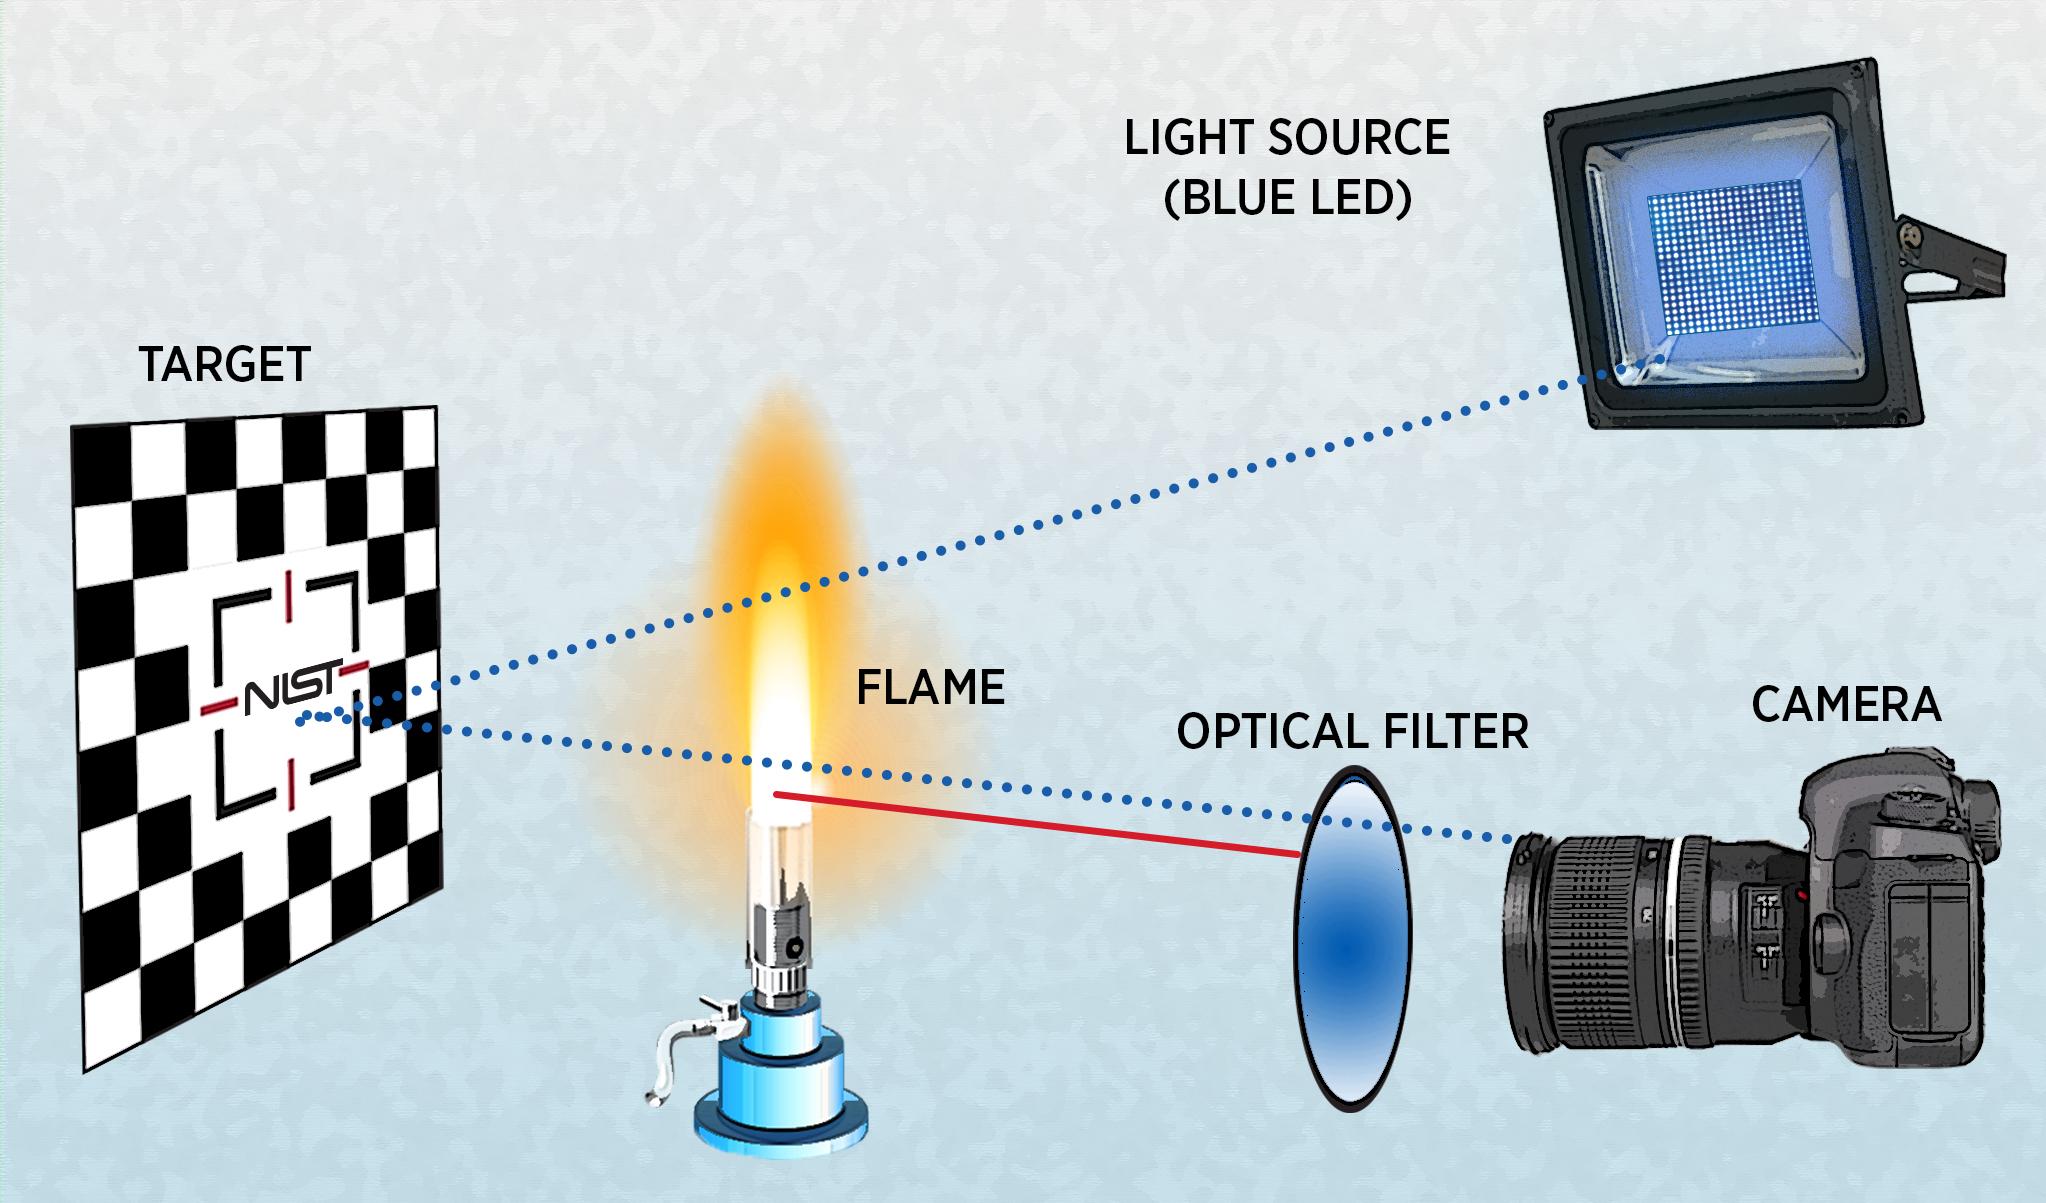 Optical Filter 3